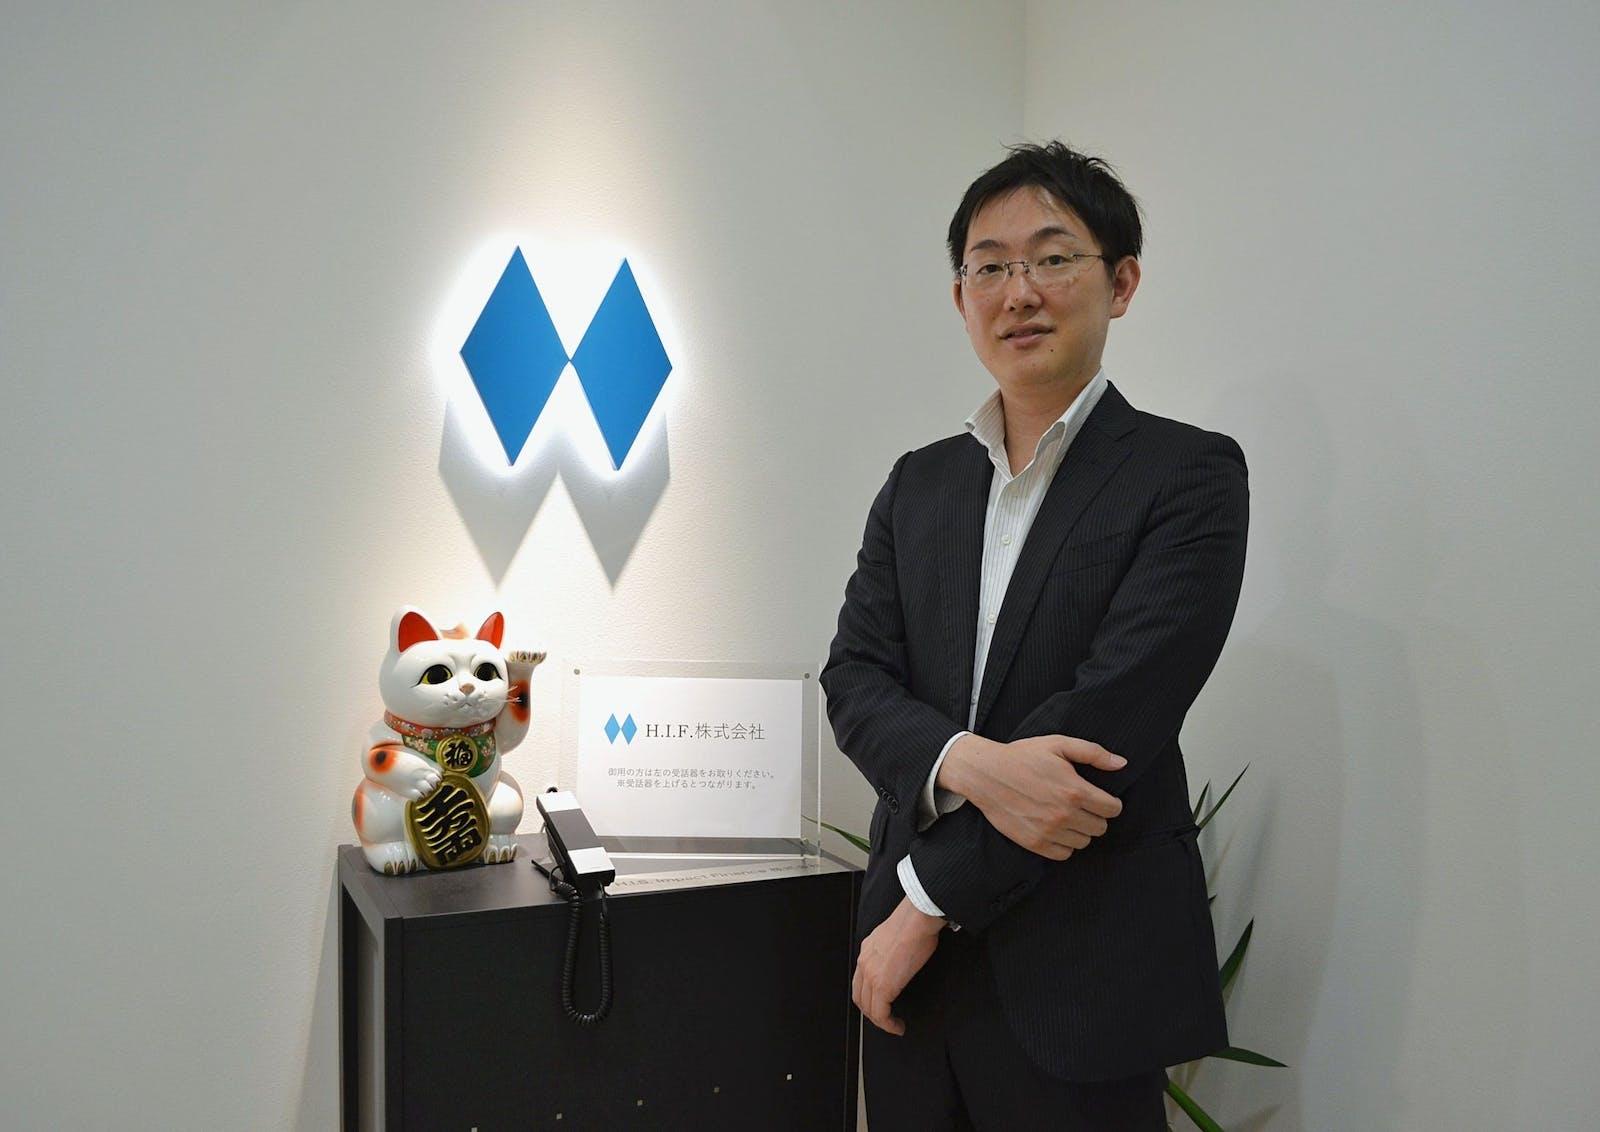 H.I.F.株式会社のアイキャッチ画像